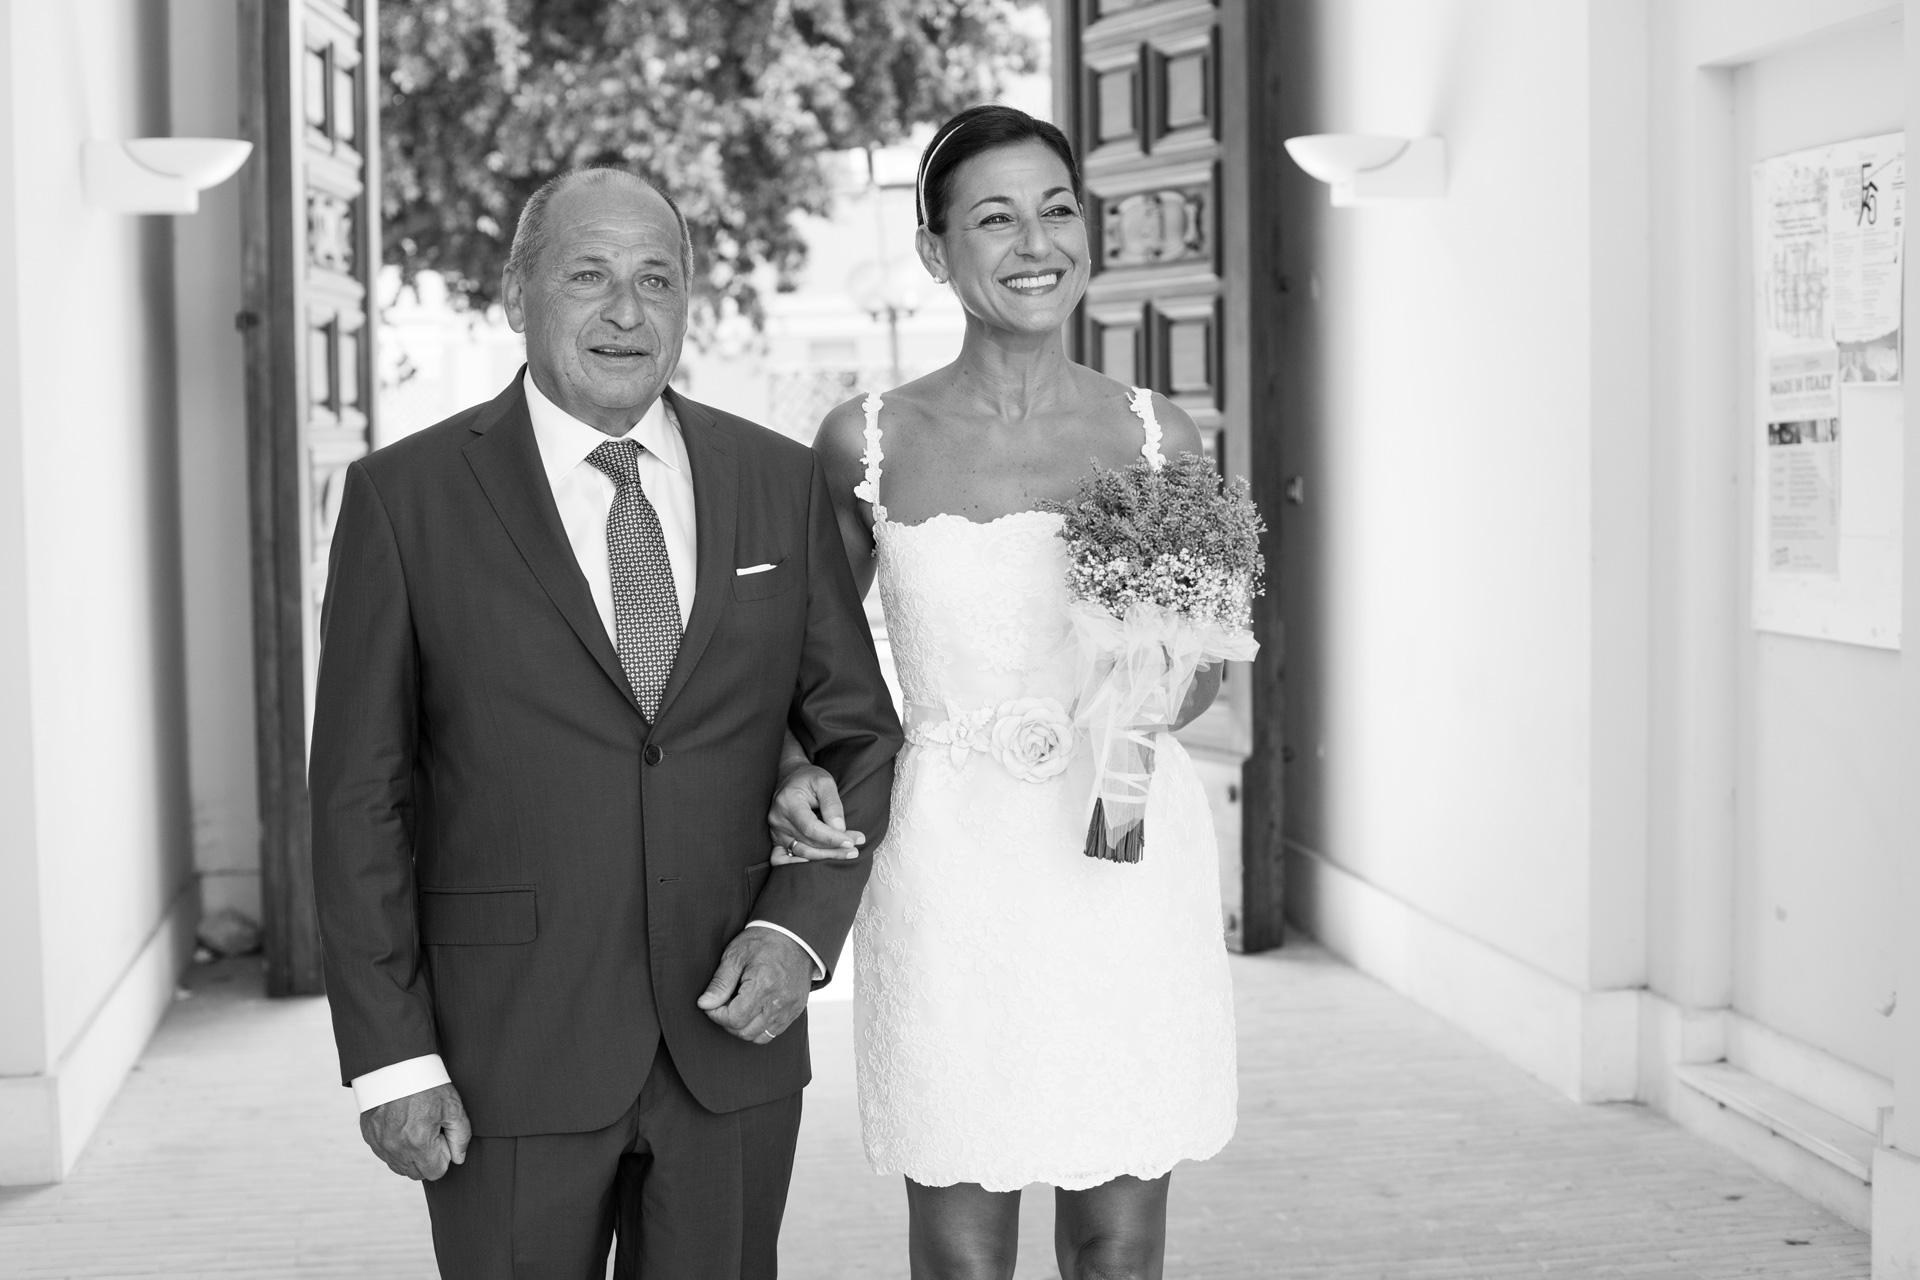 il padre e la sposa sotto braccio